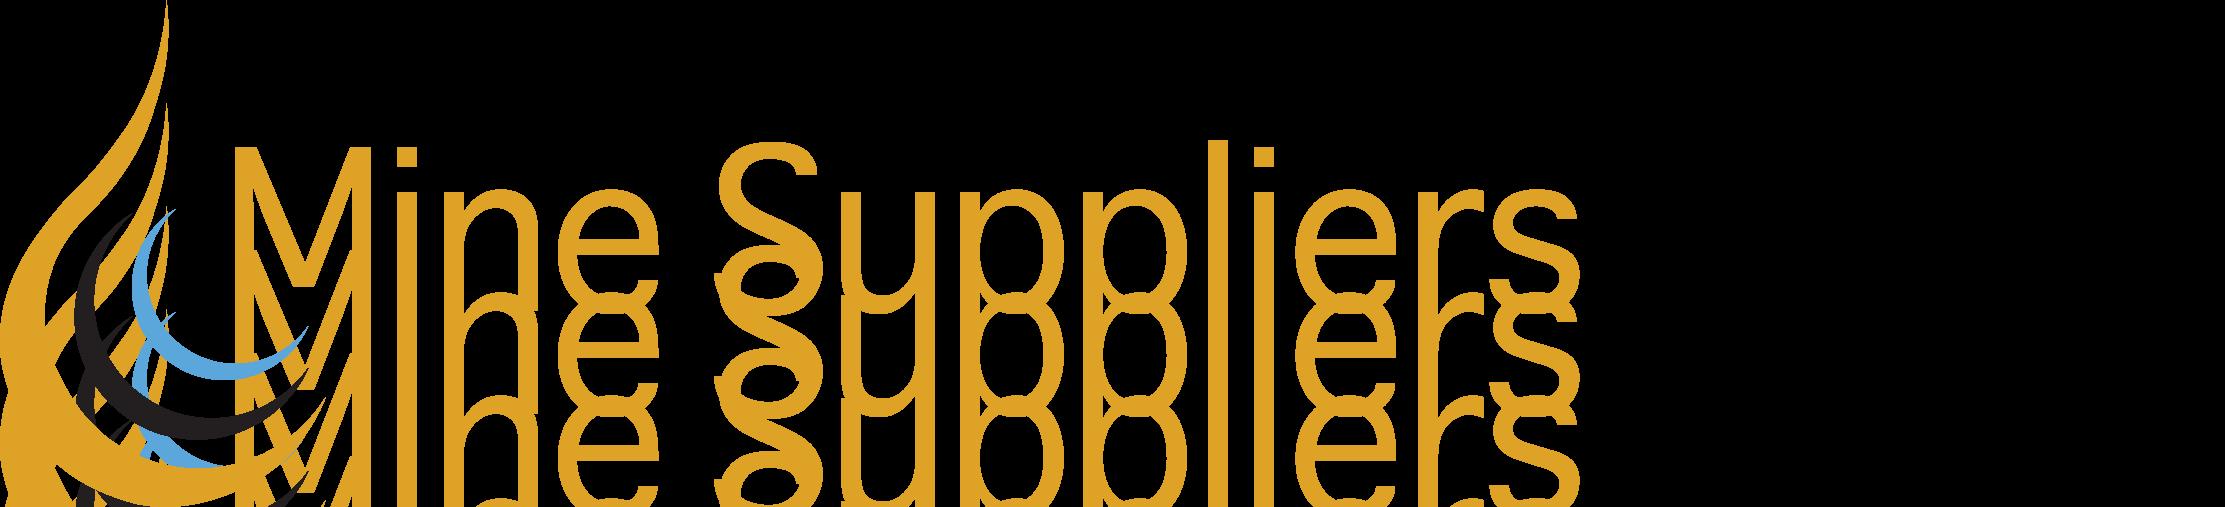 MineSuppliersLogo